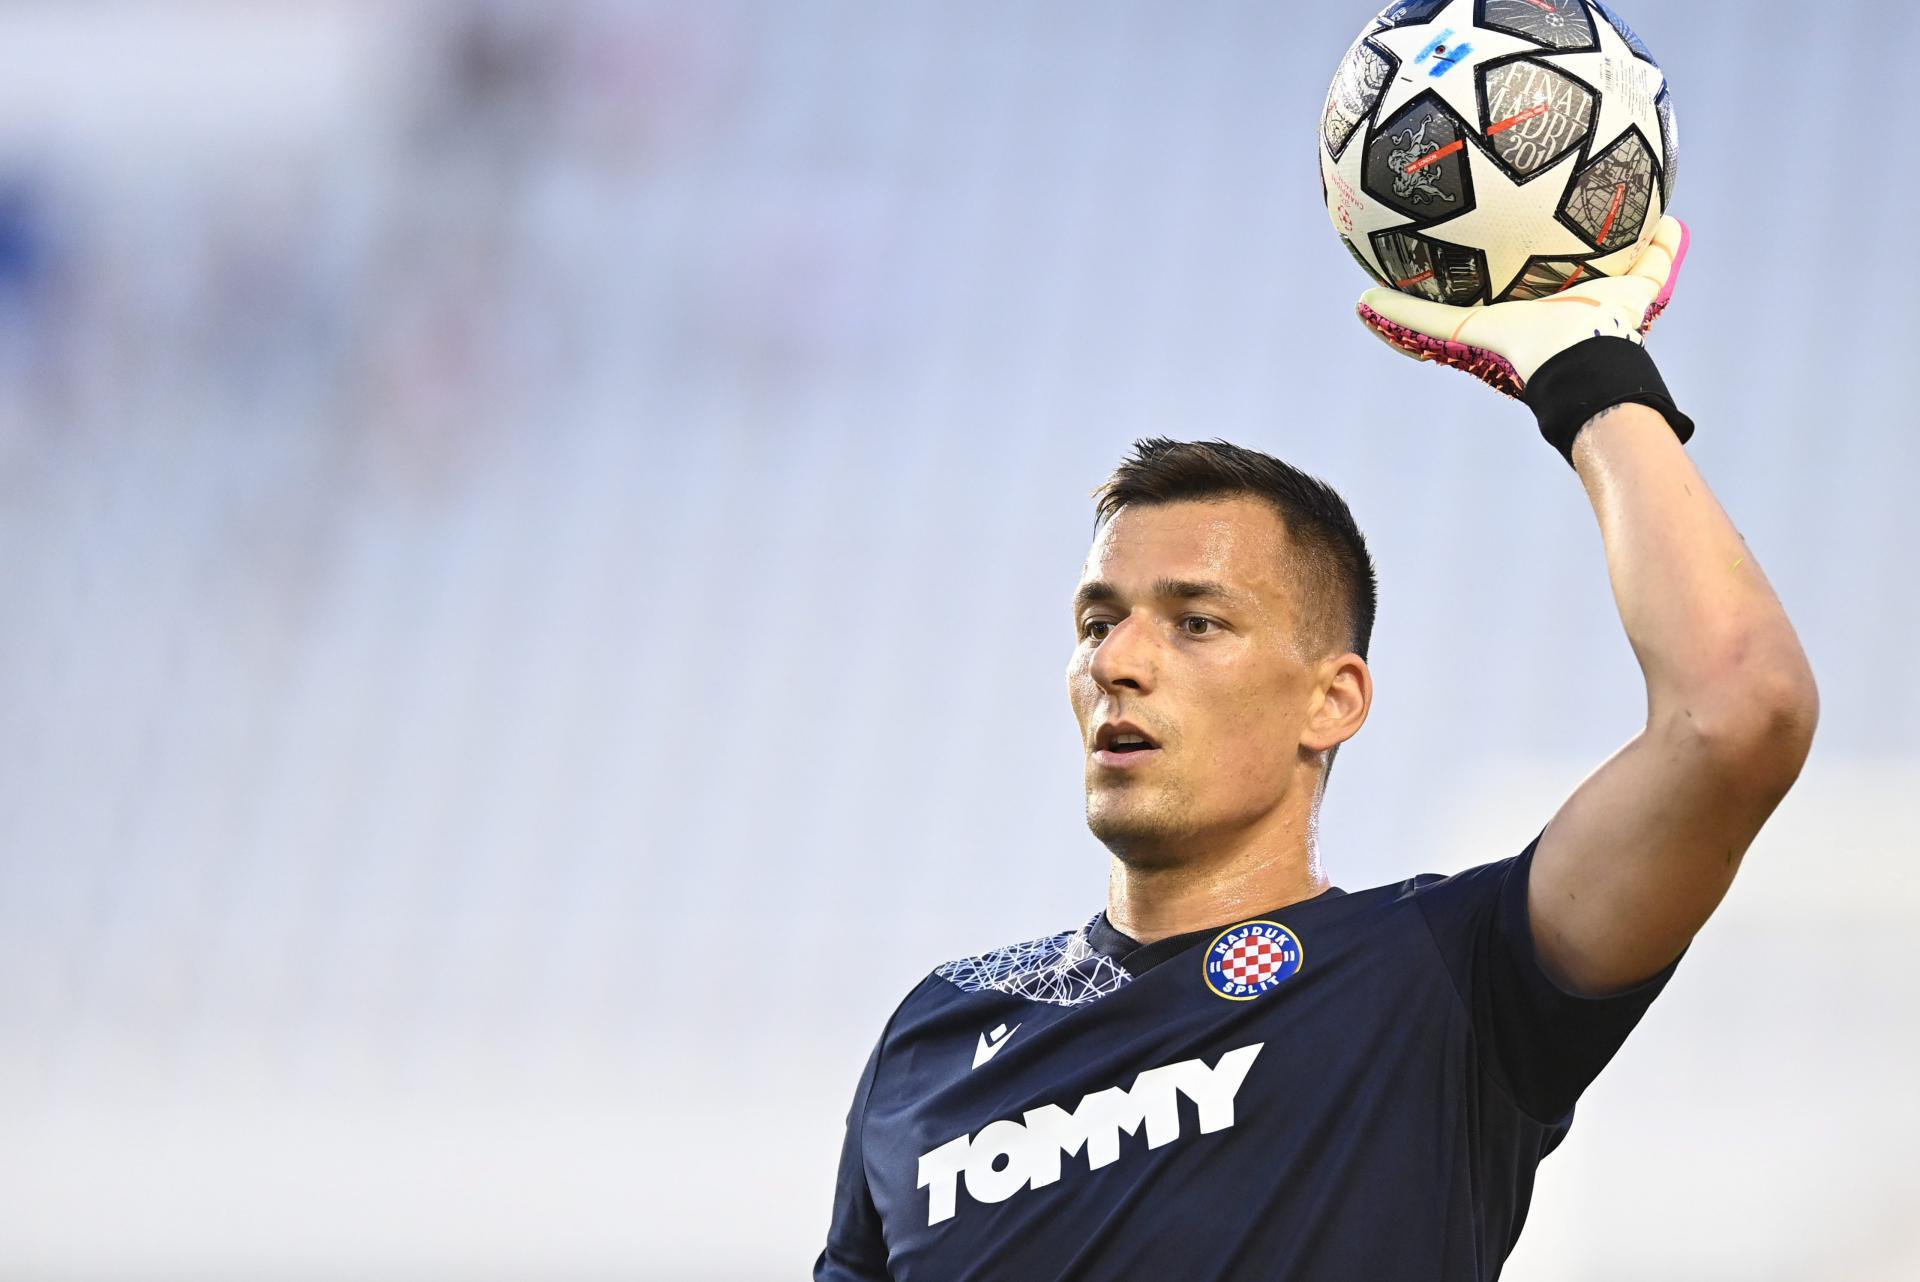 Lovre Kalinić: Ispričavam se navijačima zbog ove sramote. Moramo dignuti glavu nakon ovoga, iznad svega je Hajduk